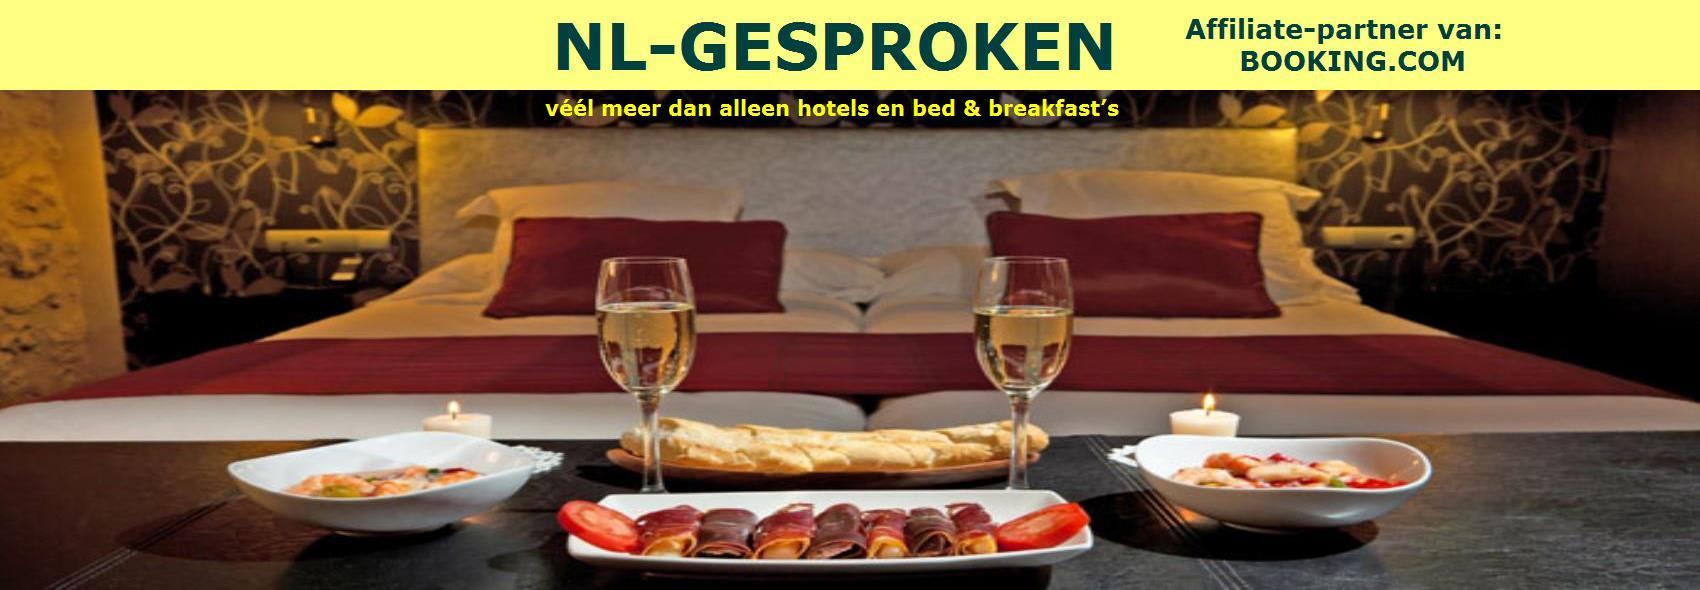 NL-GESPROKEN